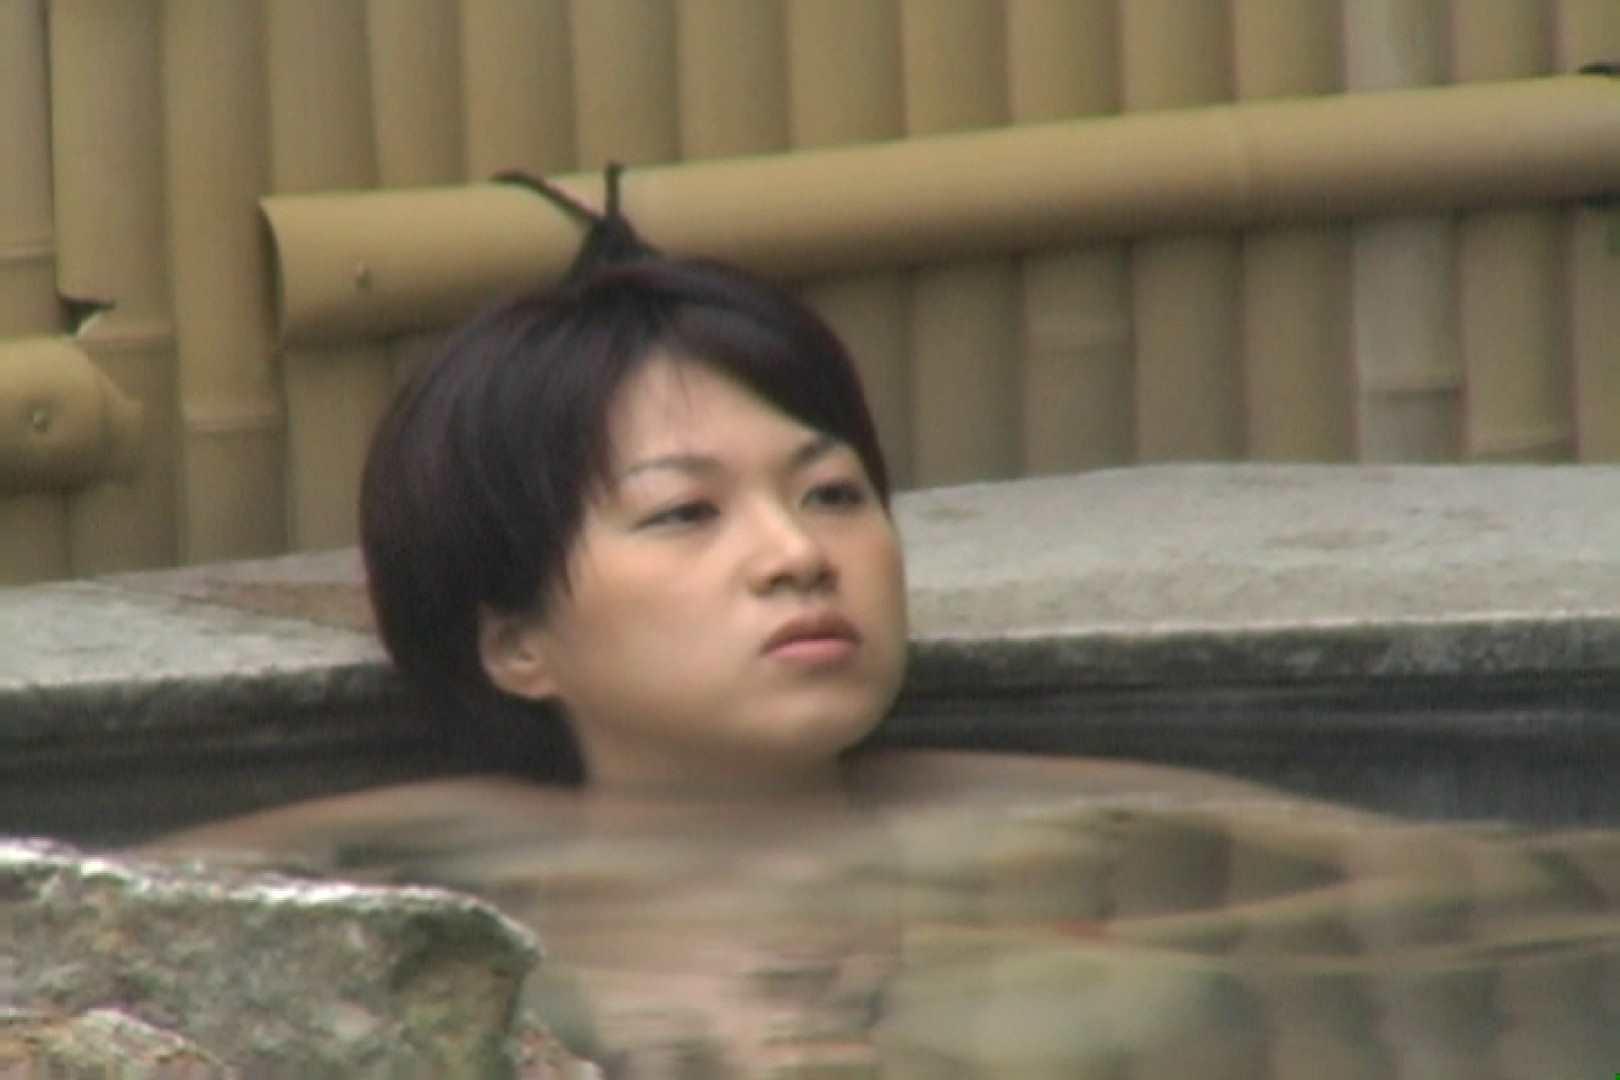 Aquaな露天風呂Vol.624 OLのエロ生活  41連発 15